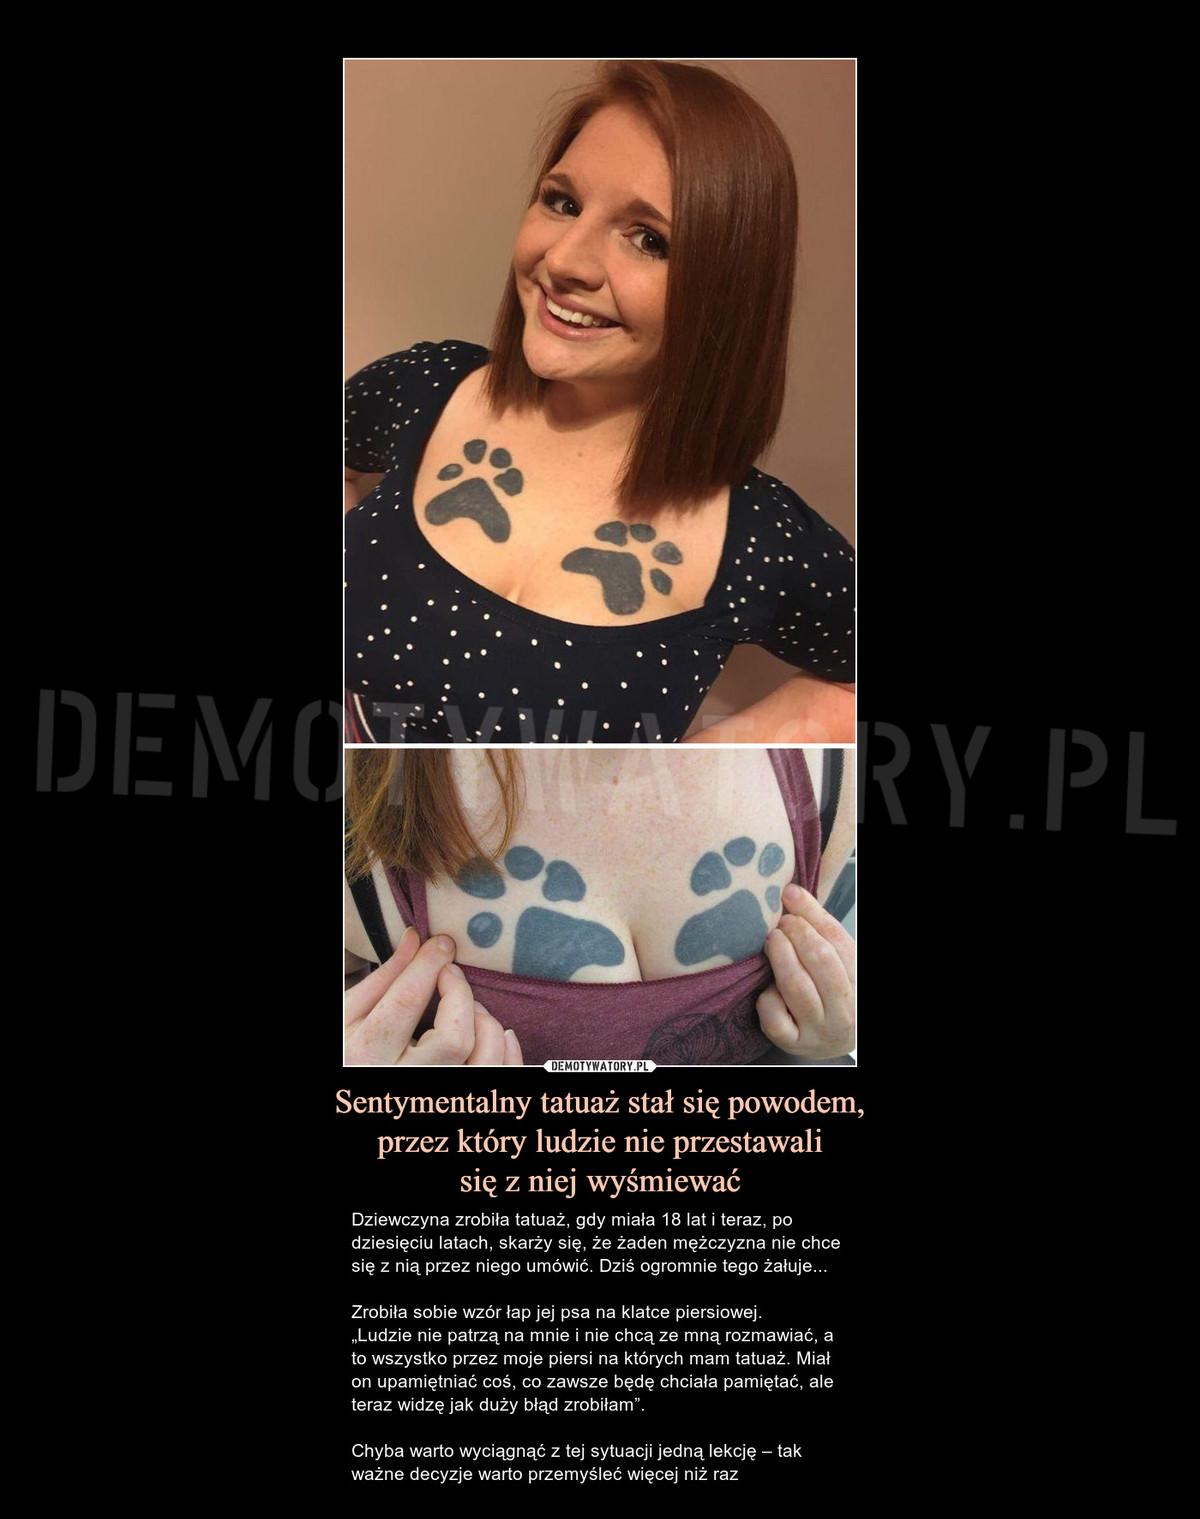 Sentymentalny Tatuaż Stał Się Powodem Przez Który Ludzie